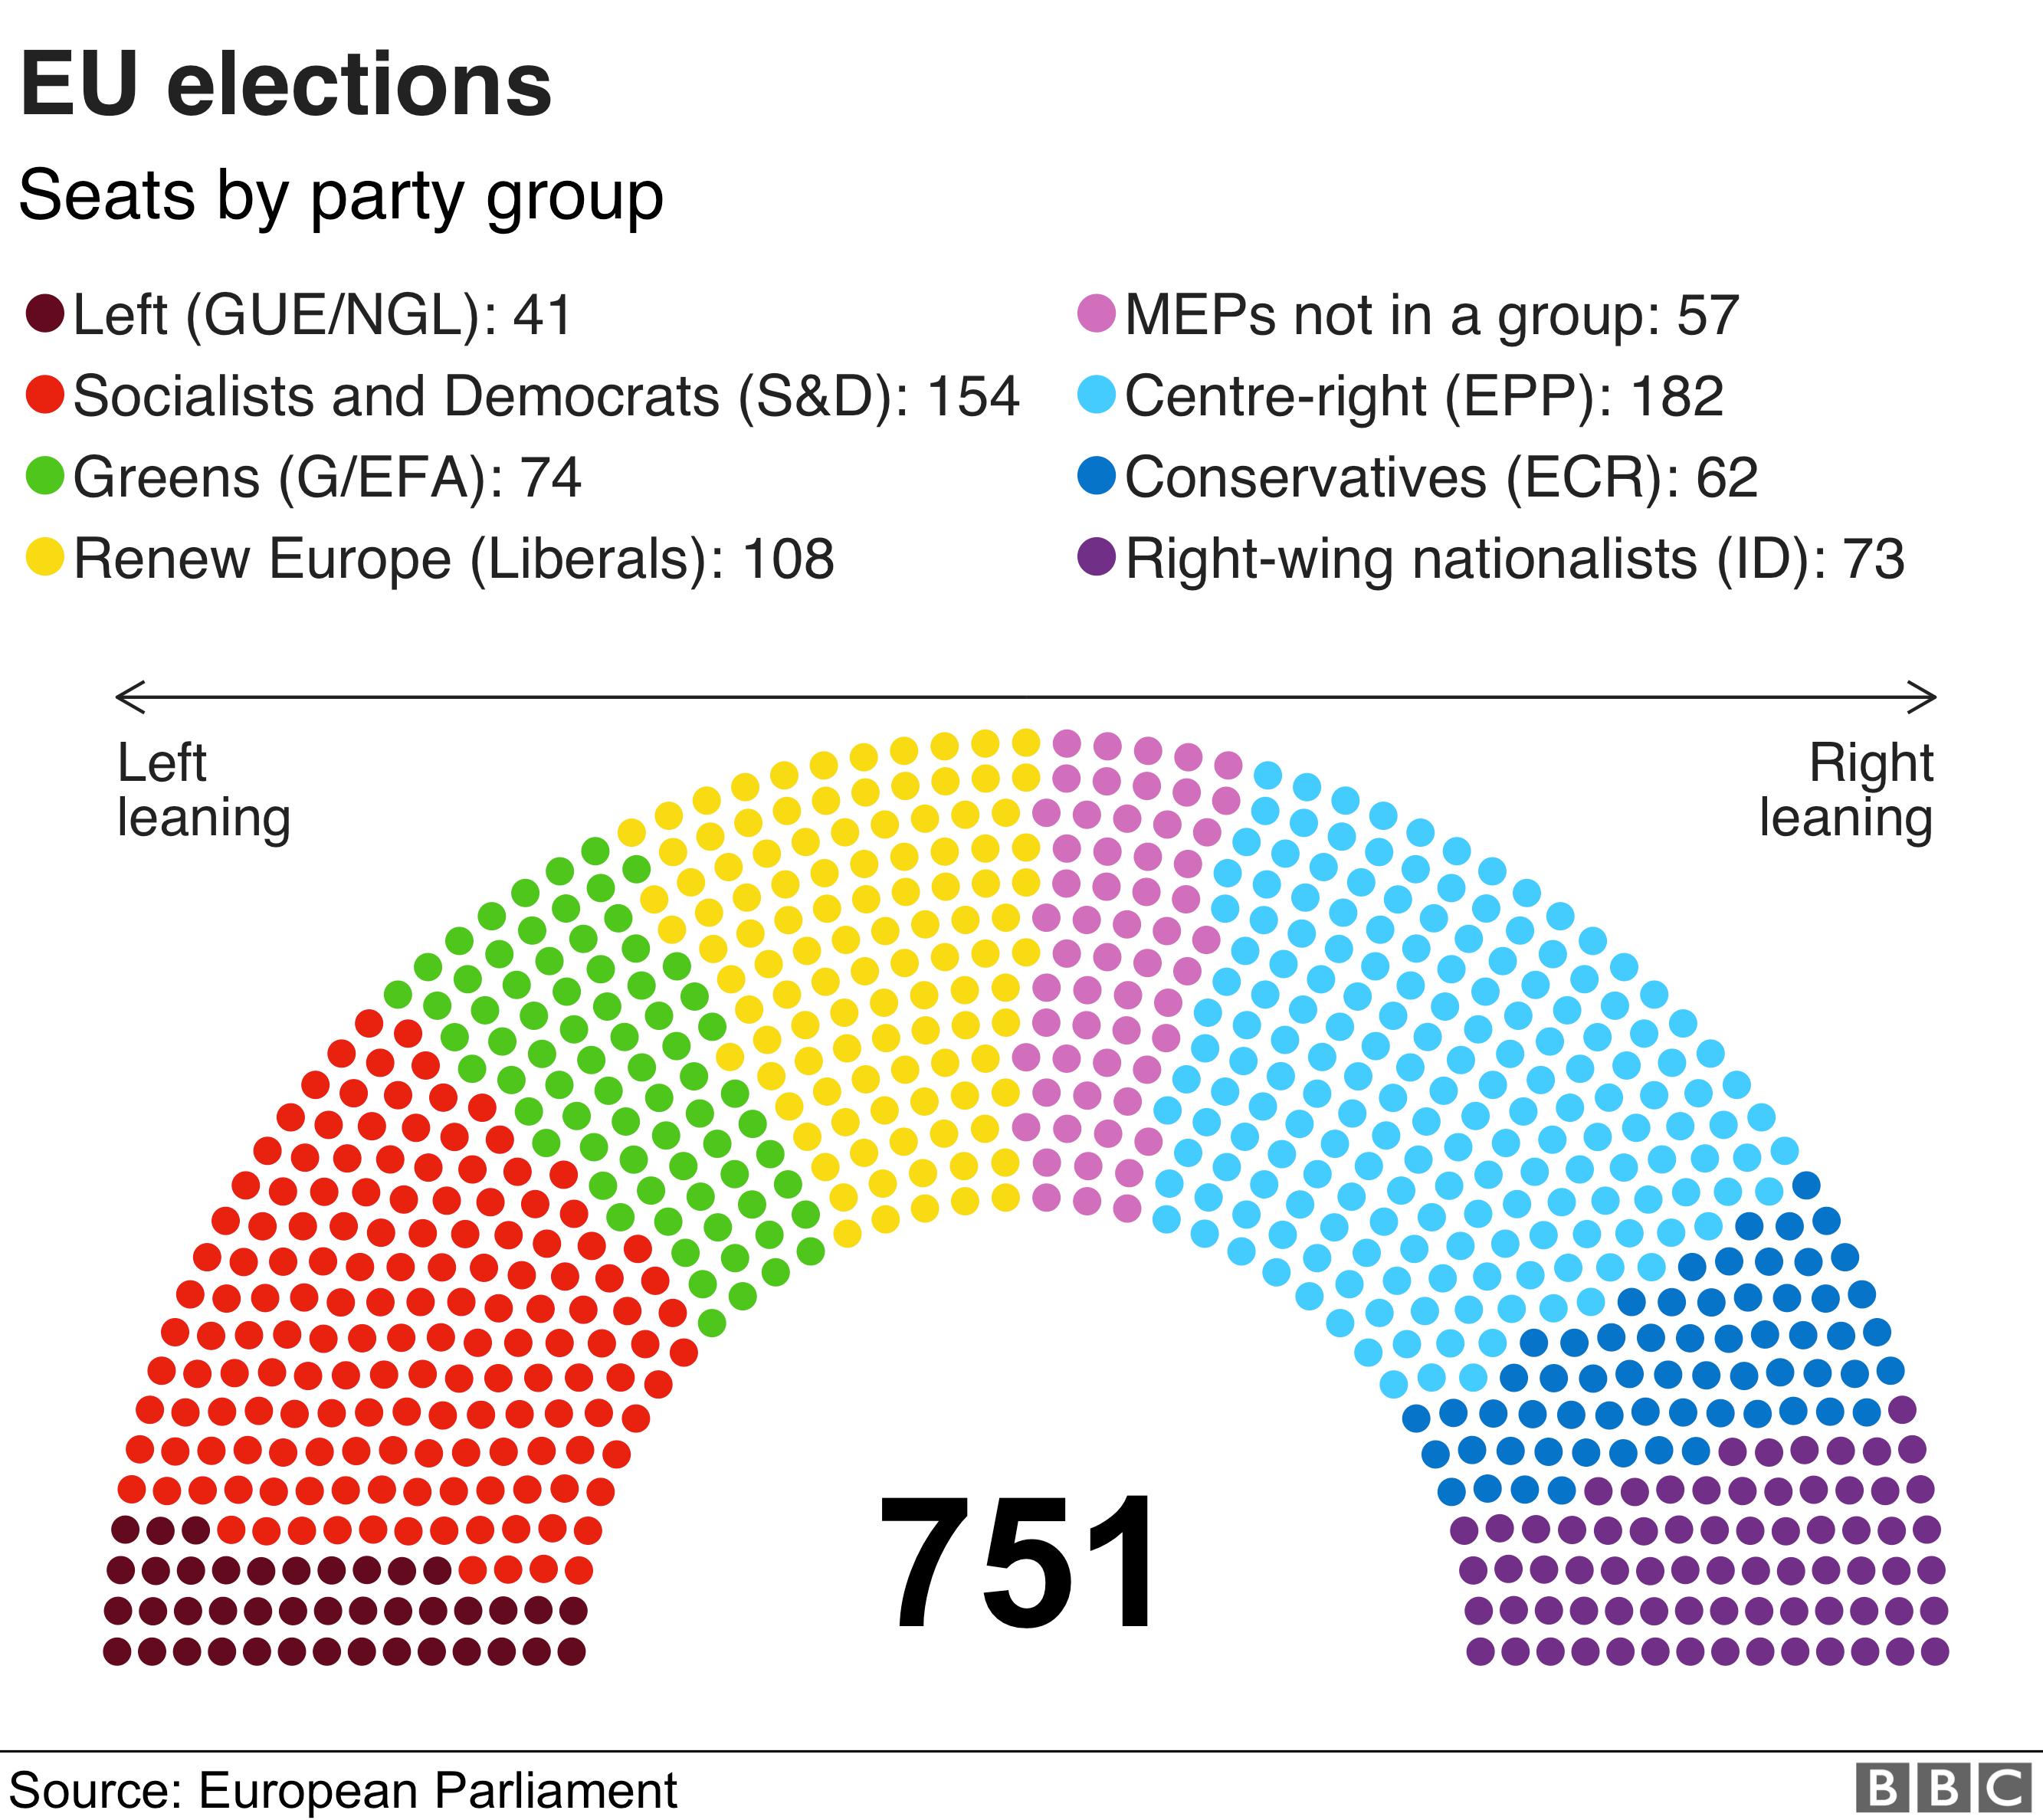 EU Parliament graphic